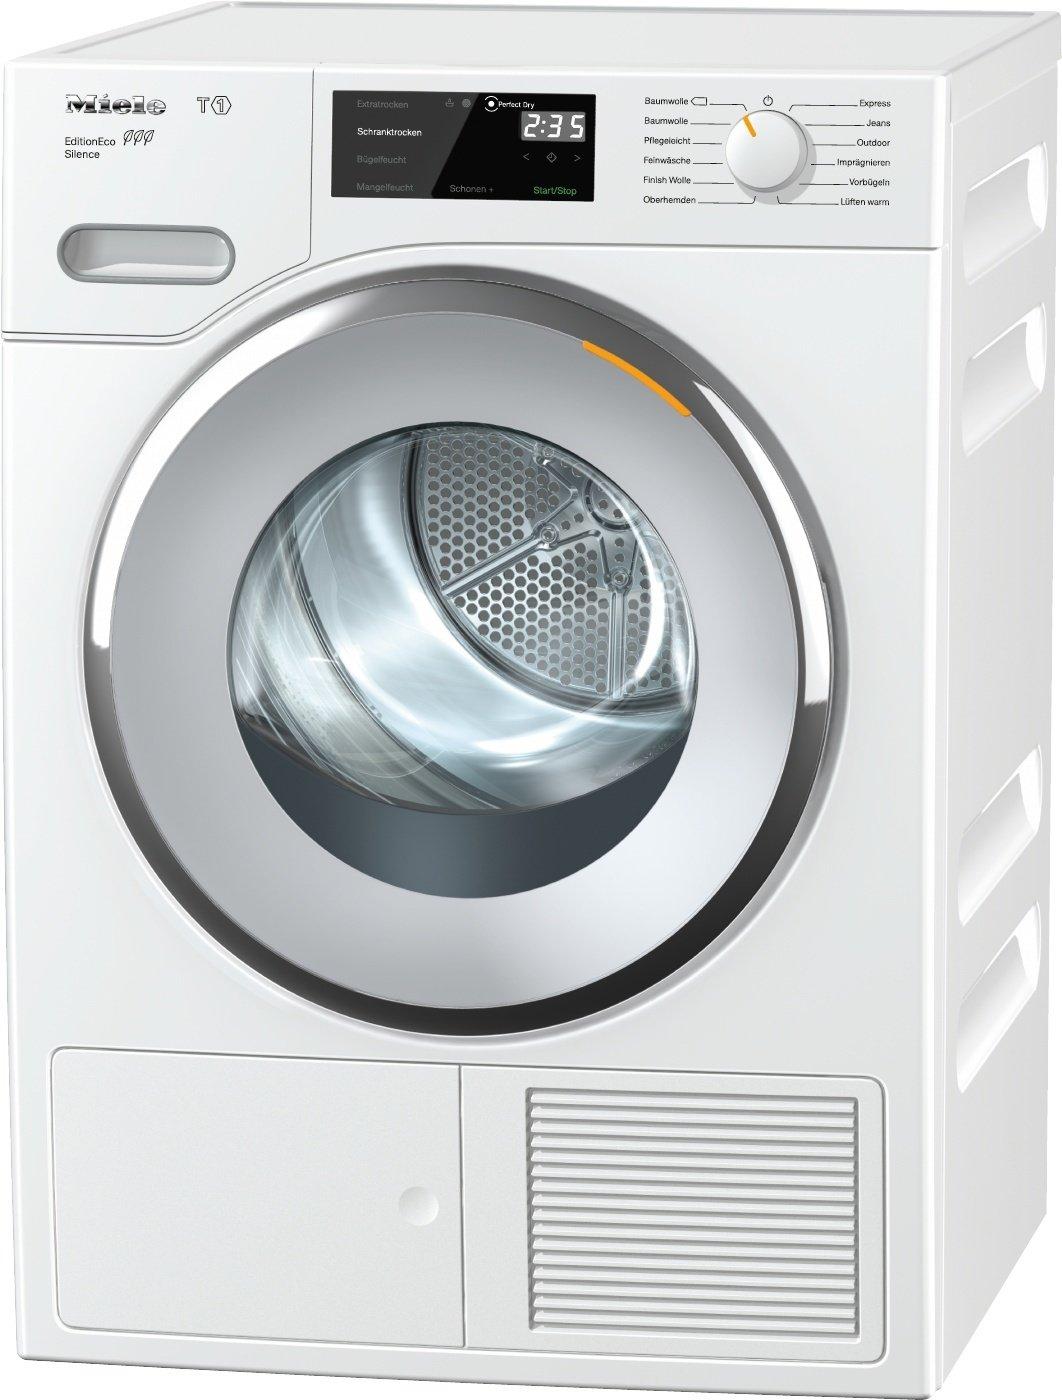 Miele TWF 505 WP Silence Wärmepumpentrockner / Energieklasse A+++ (171kWh/Jahr) / 8 kg Schontrommel / Duftflakon für frisch duftende Wäsche / Startvorwahl und Restzeitanzeige / Knitterschutz [Energieklasse A+++] TWF 505 WP EditionEco Silence